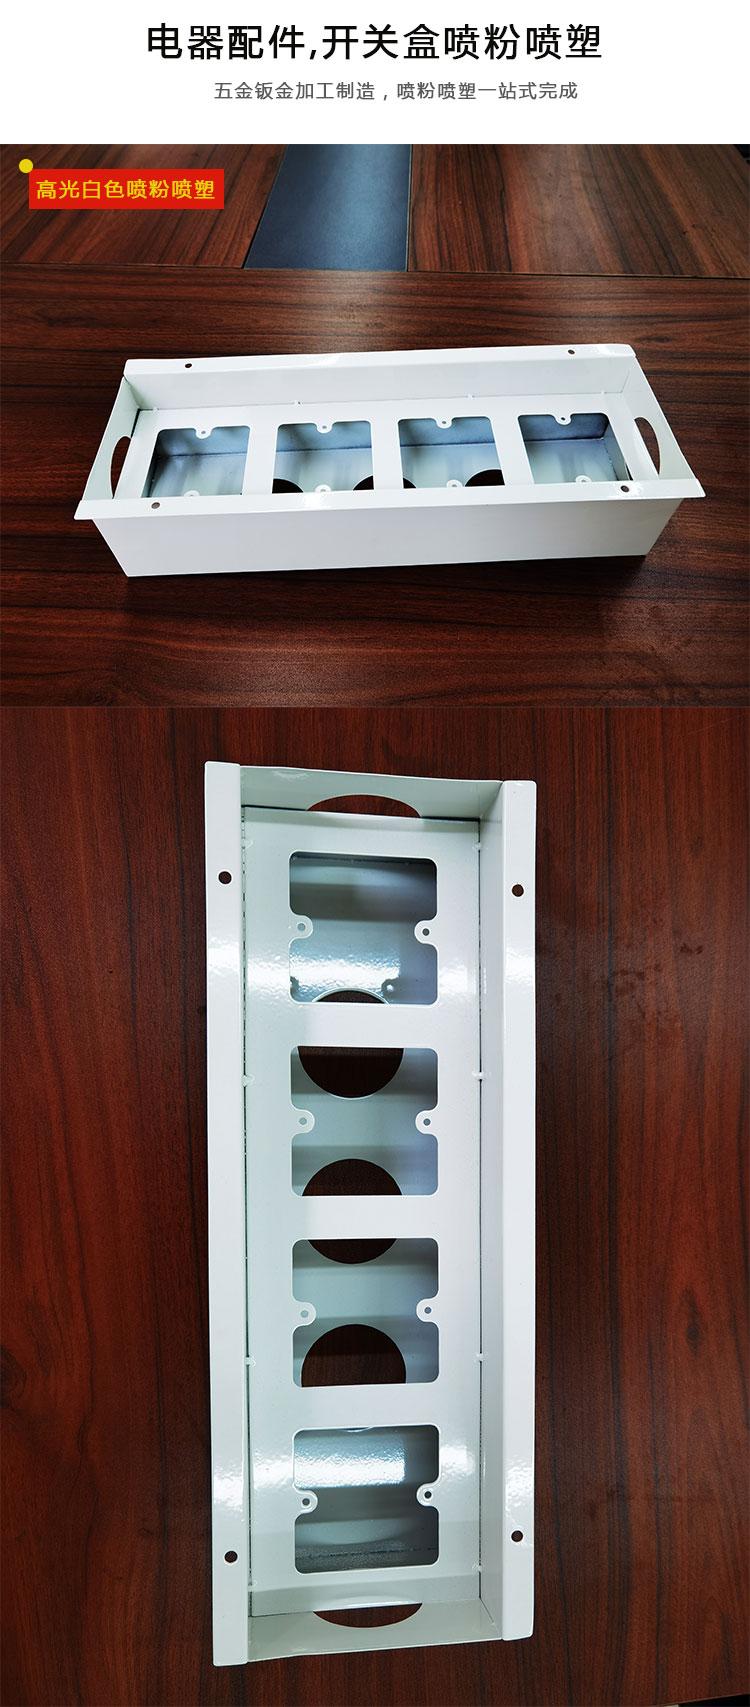 铁艺开关盒喷粉,家电配件喷涂厂家